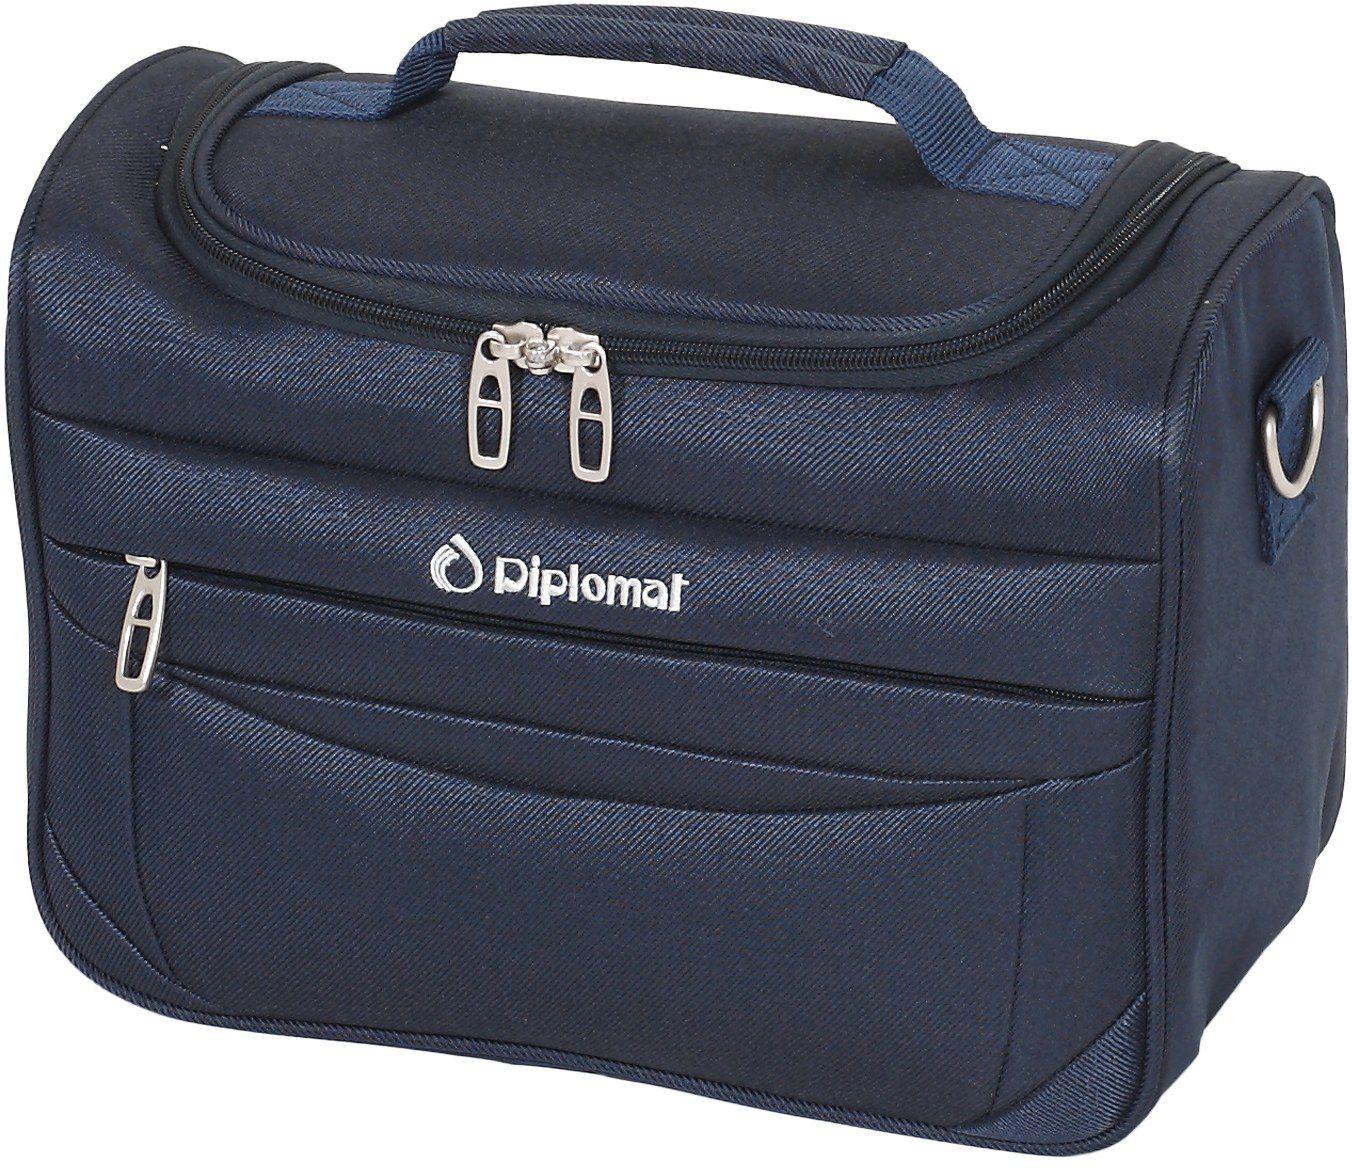 Τσάντα Καμπίνας 32x24x17εκ Diplomat ZC6300-V32 Μπλε ειδη ταξιδιου   βαλίτσες   αξεσουαρ ταξιδιου   νεσεσέρ